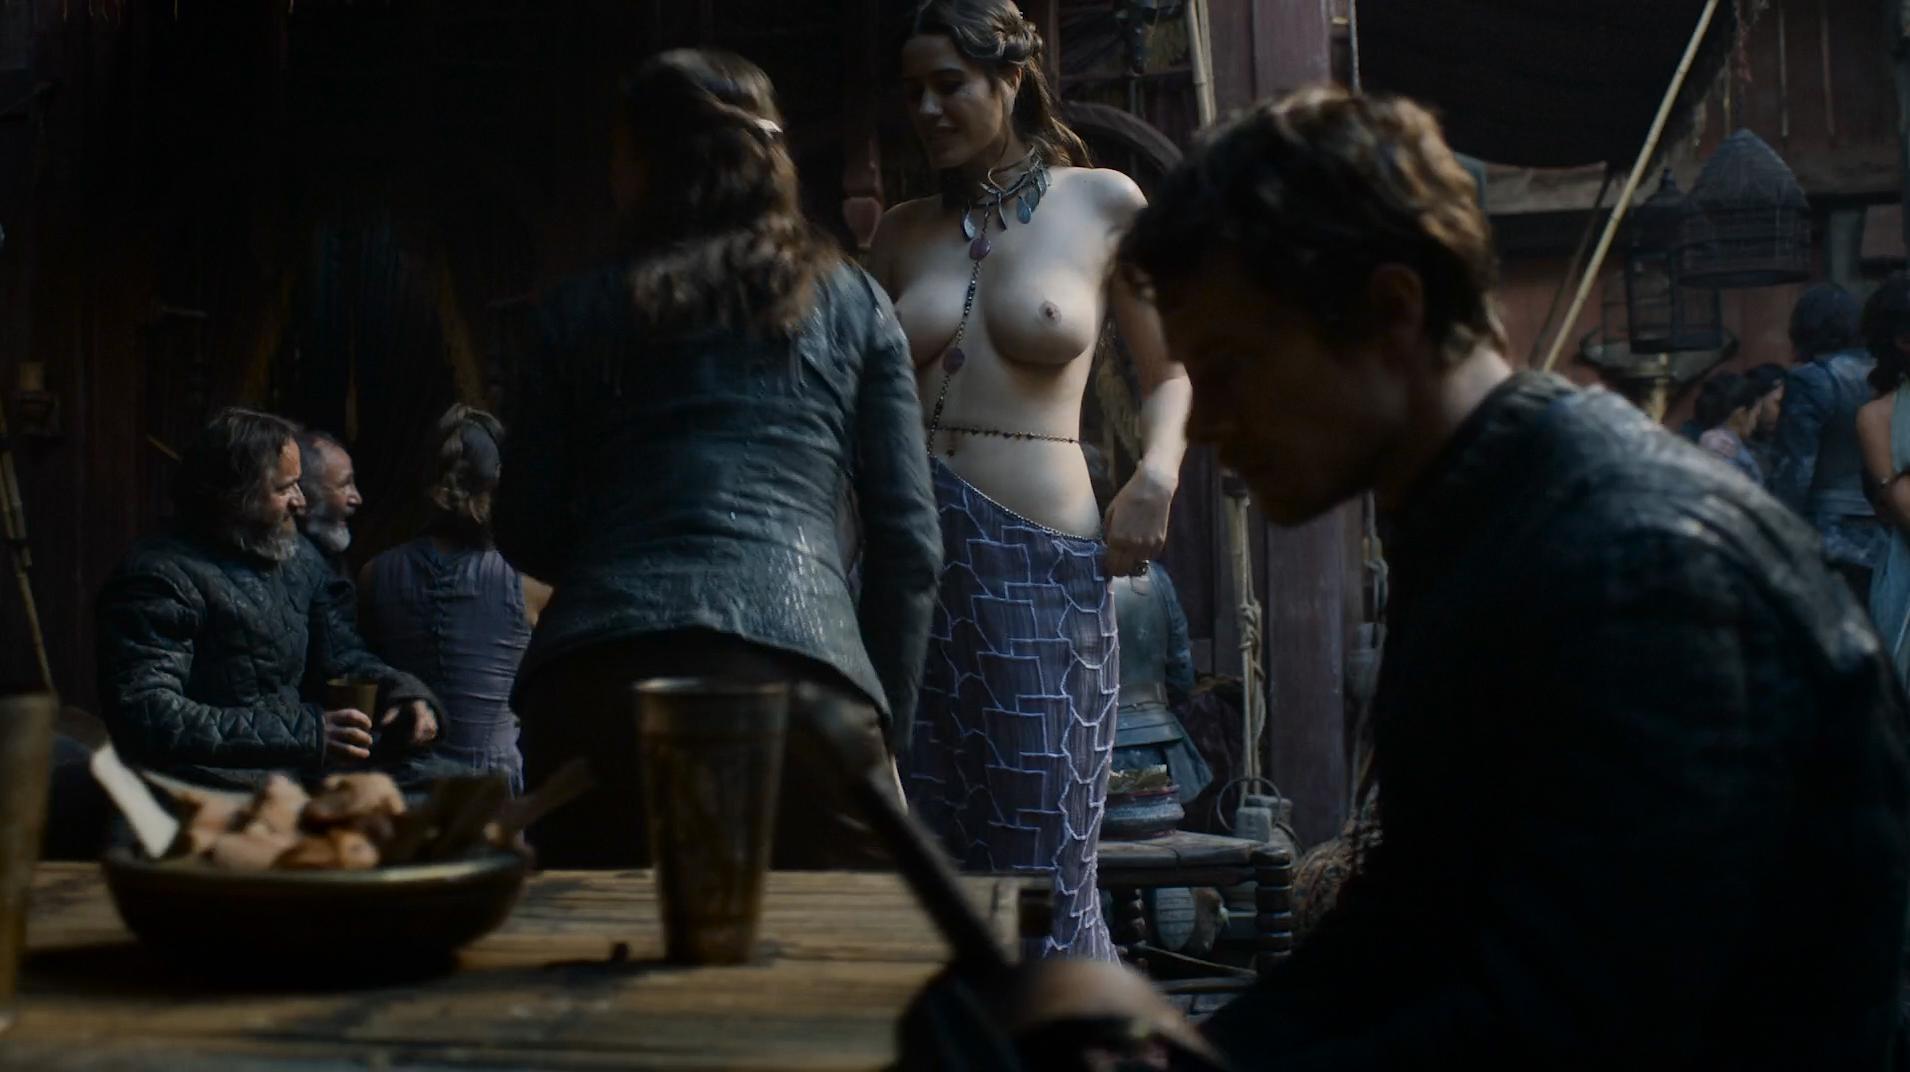 ella hughs nude